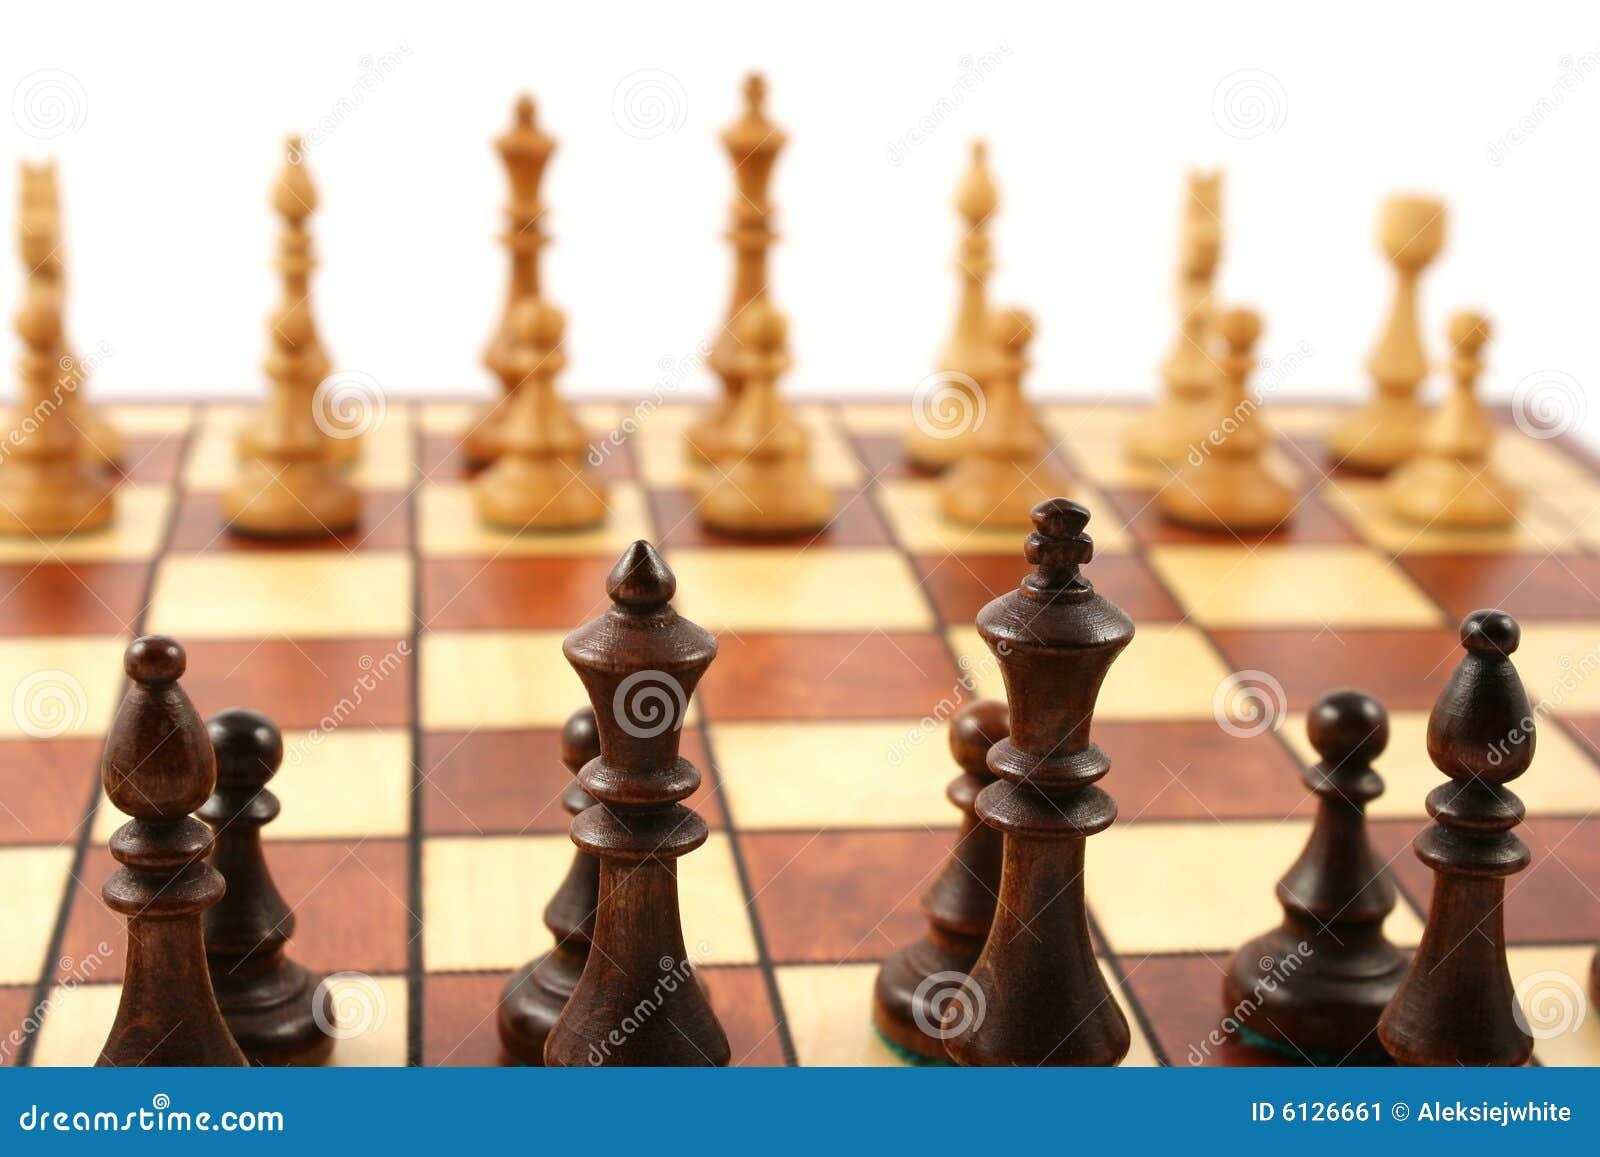 Houten schaak op houten schaakbord